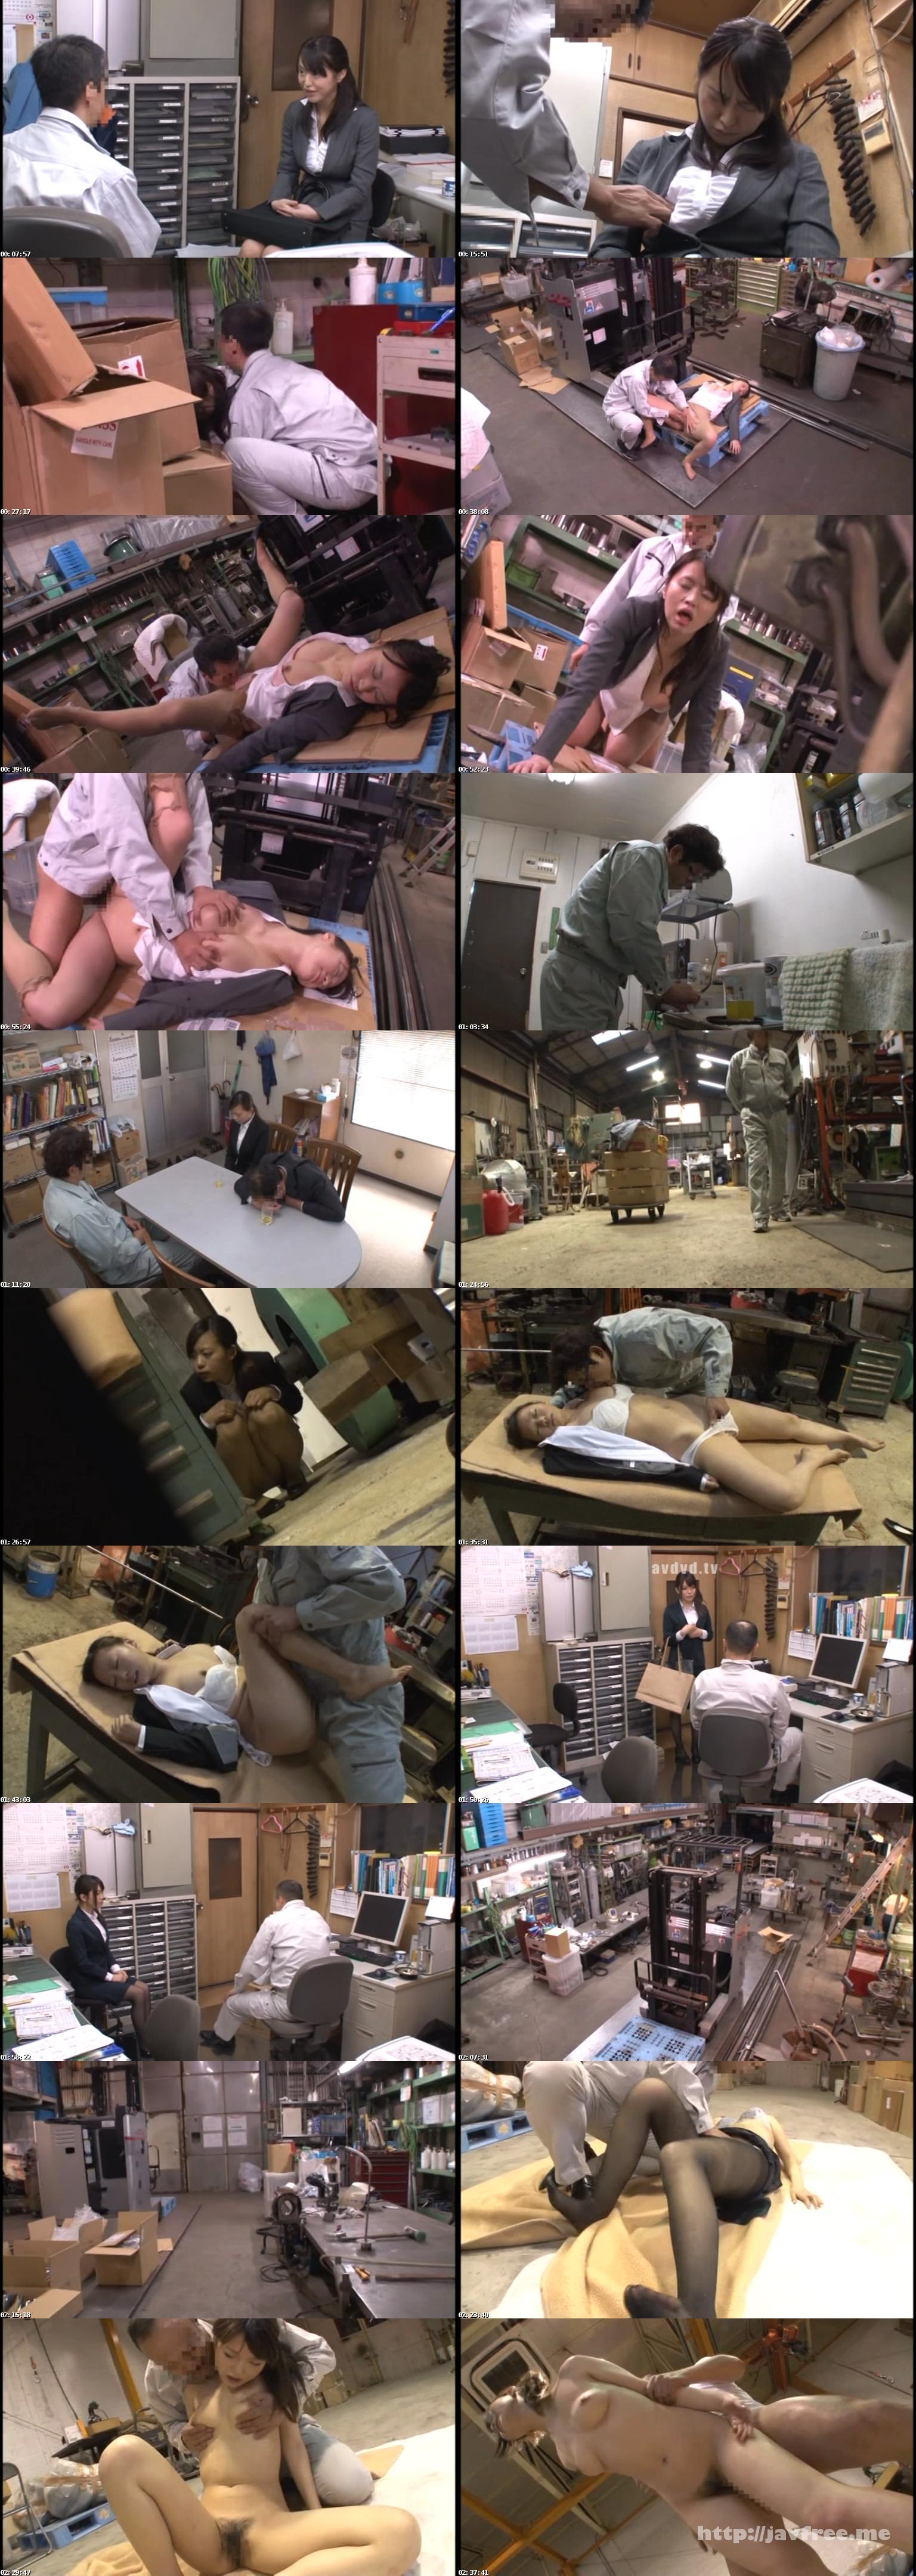 [NHDTA 532] 眠剤を飲まされ睡魔と闘いながらも半裸で逃げるOL…であったが無念の昏睡 NHDTA